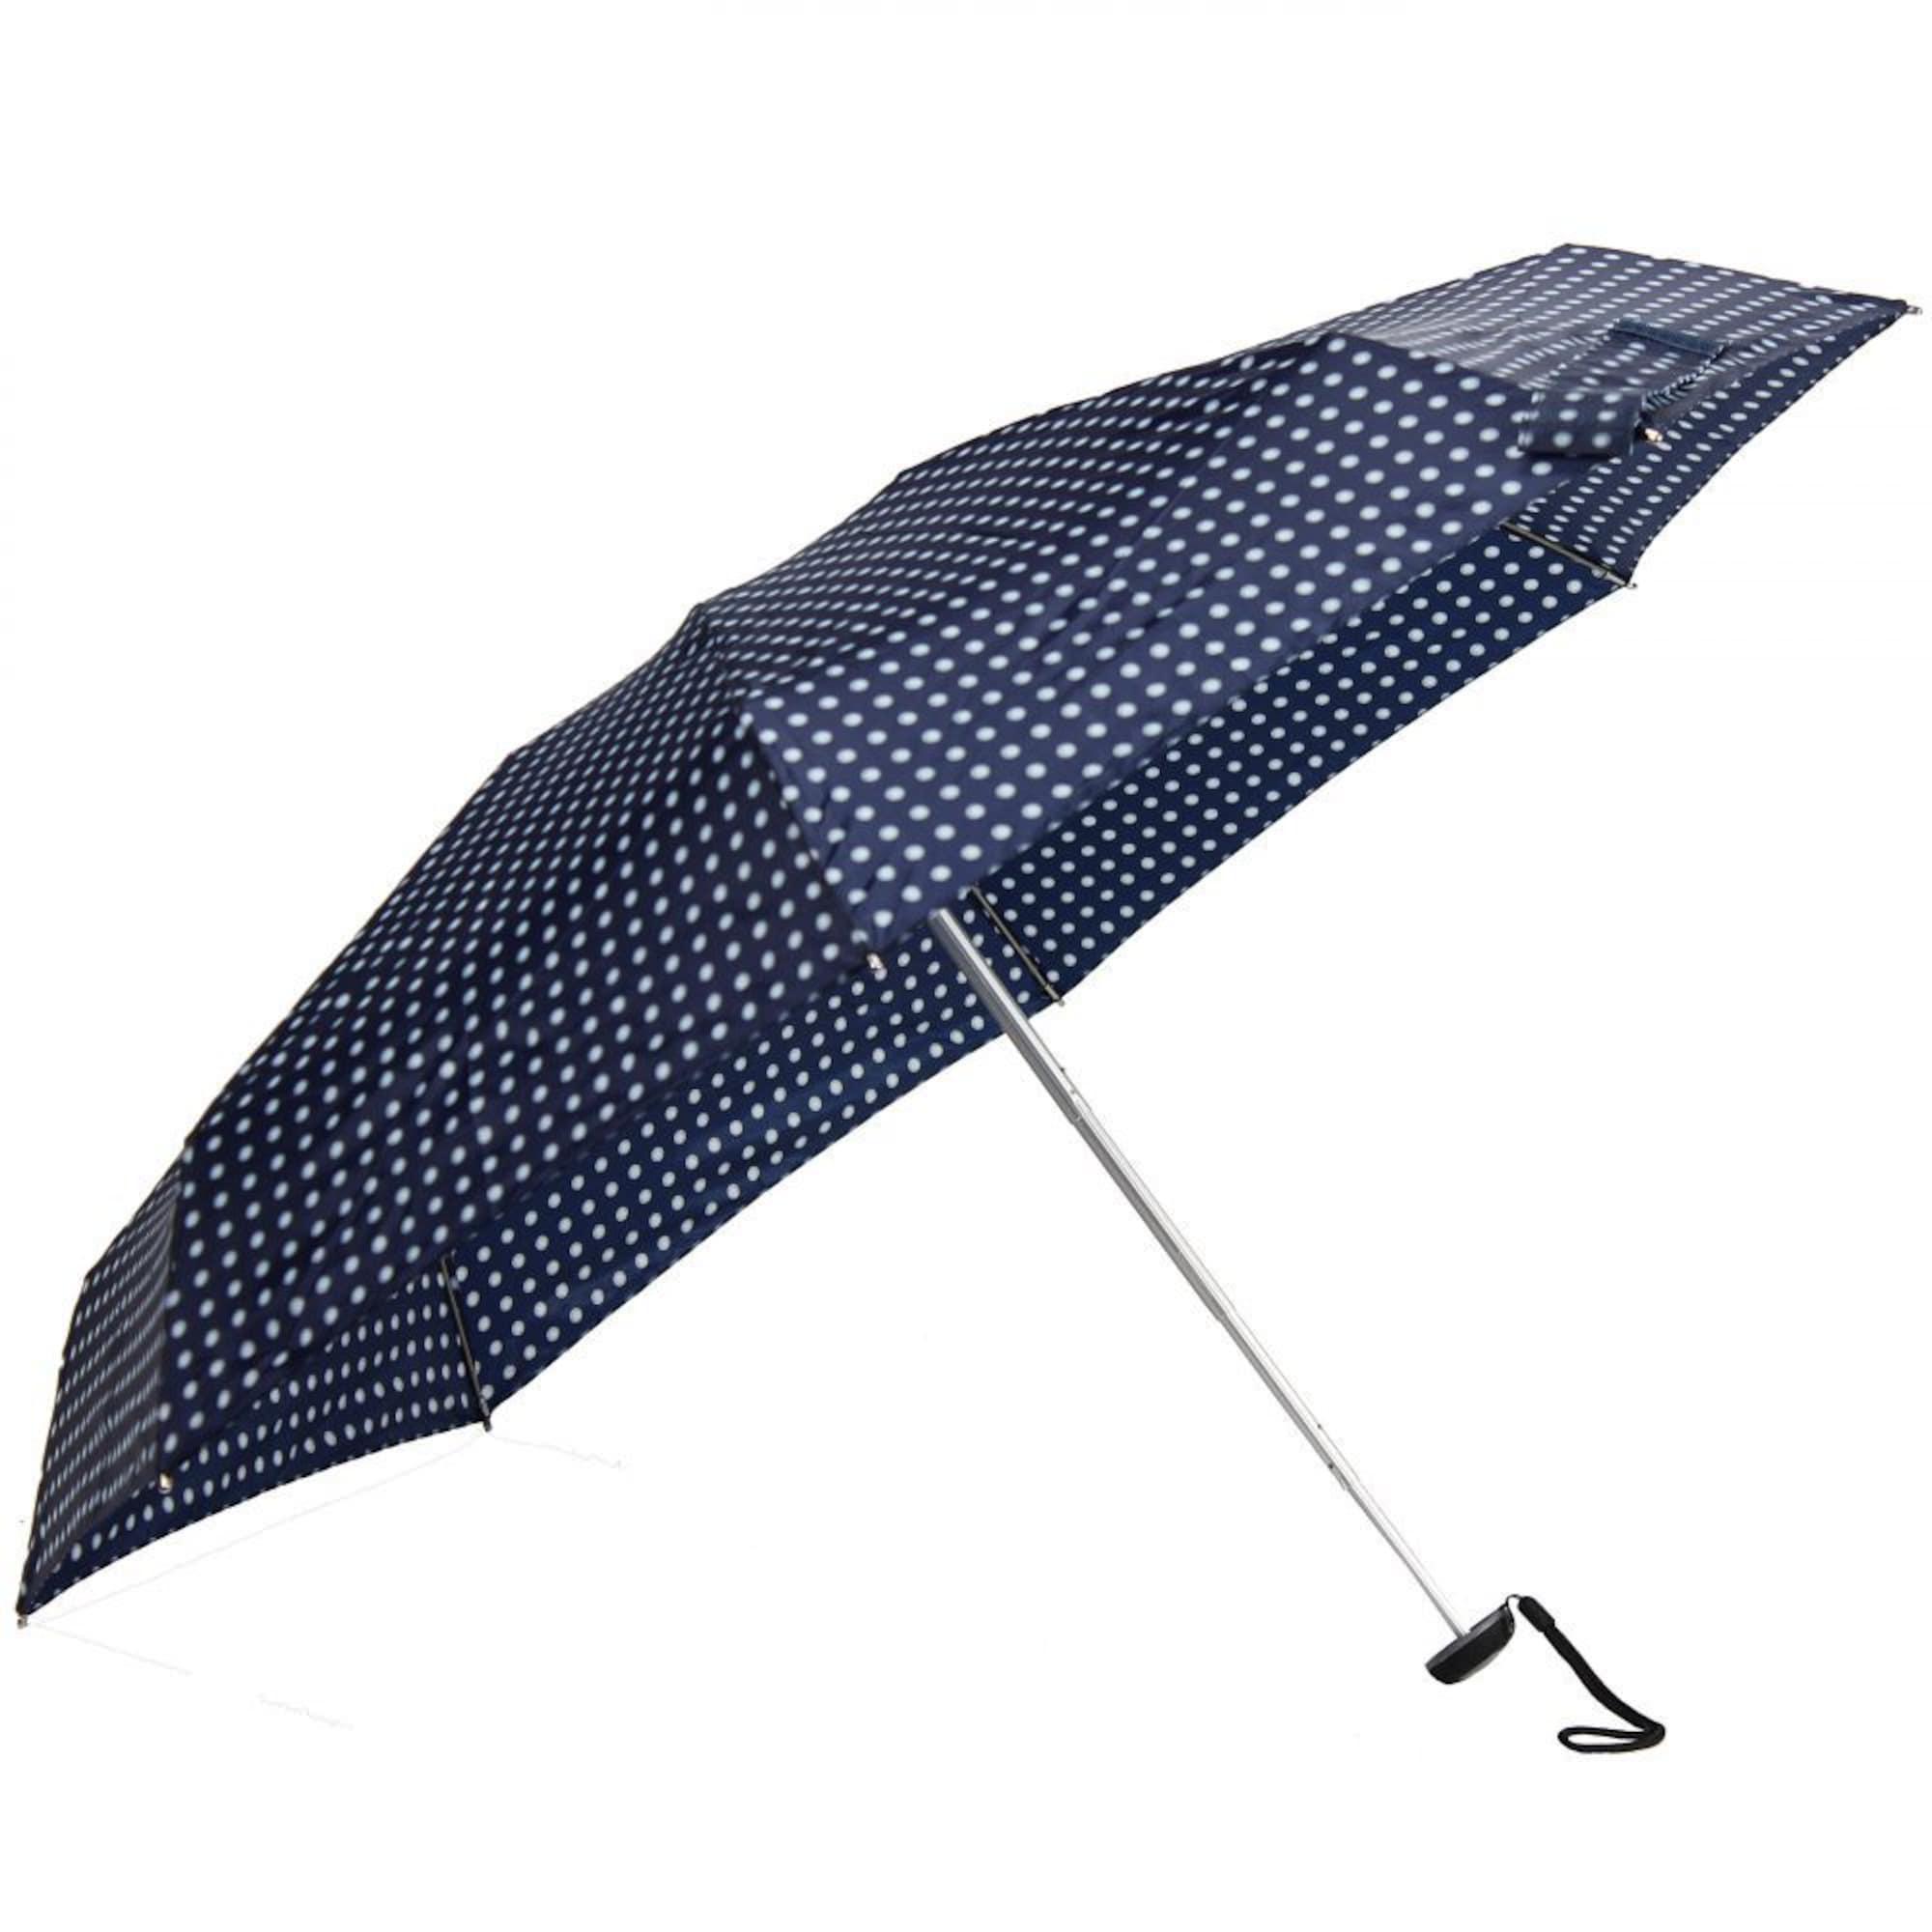 Taschenschirm 'Manual X1' | Accessoires > Regenschirme > Taschenschirme | Silber - Weiß | knirps